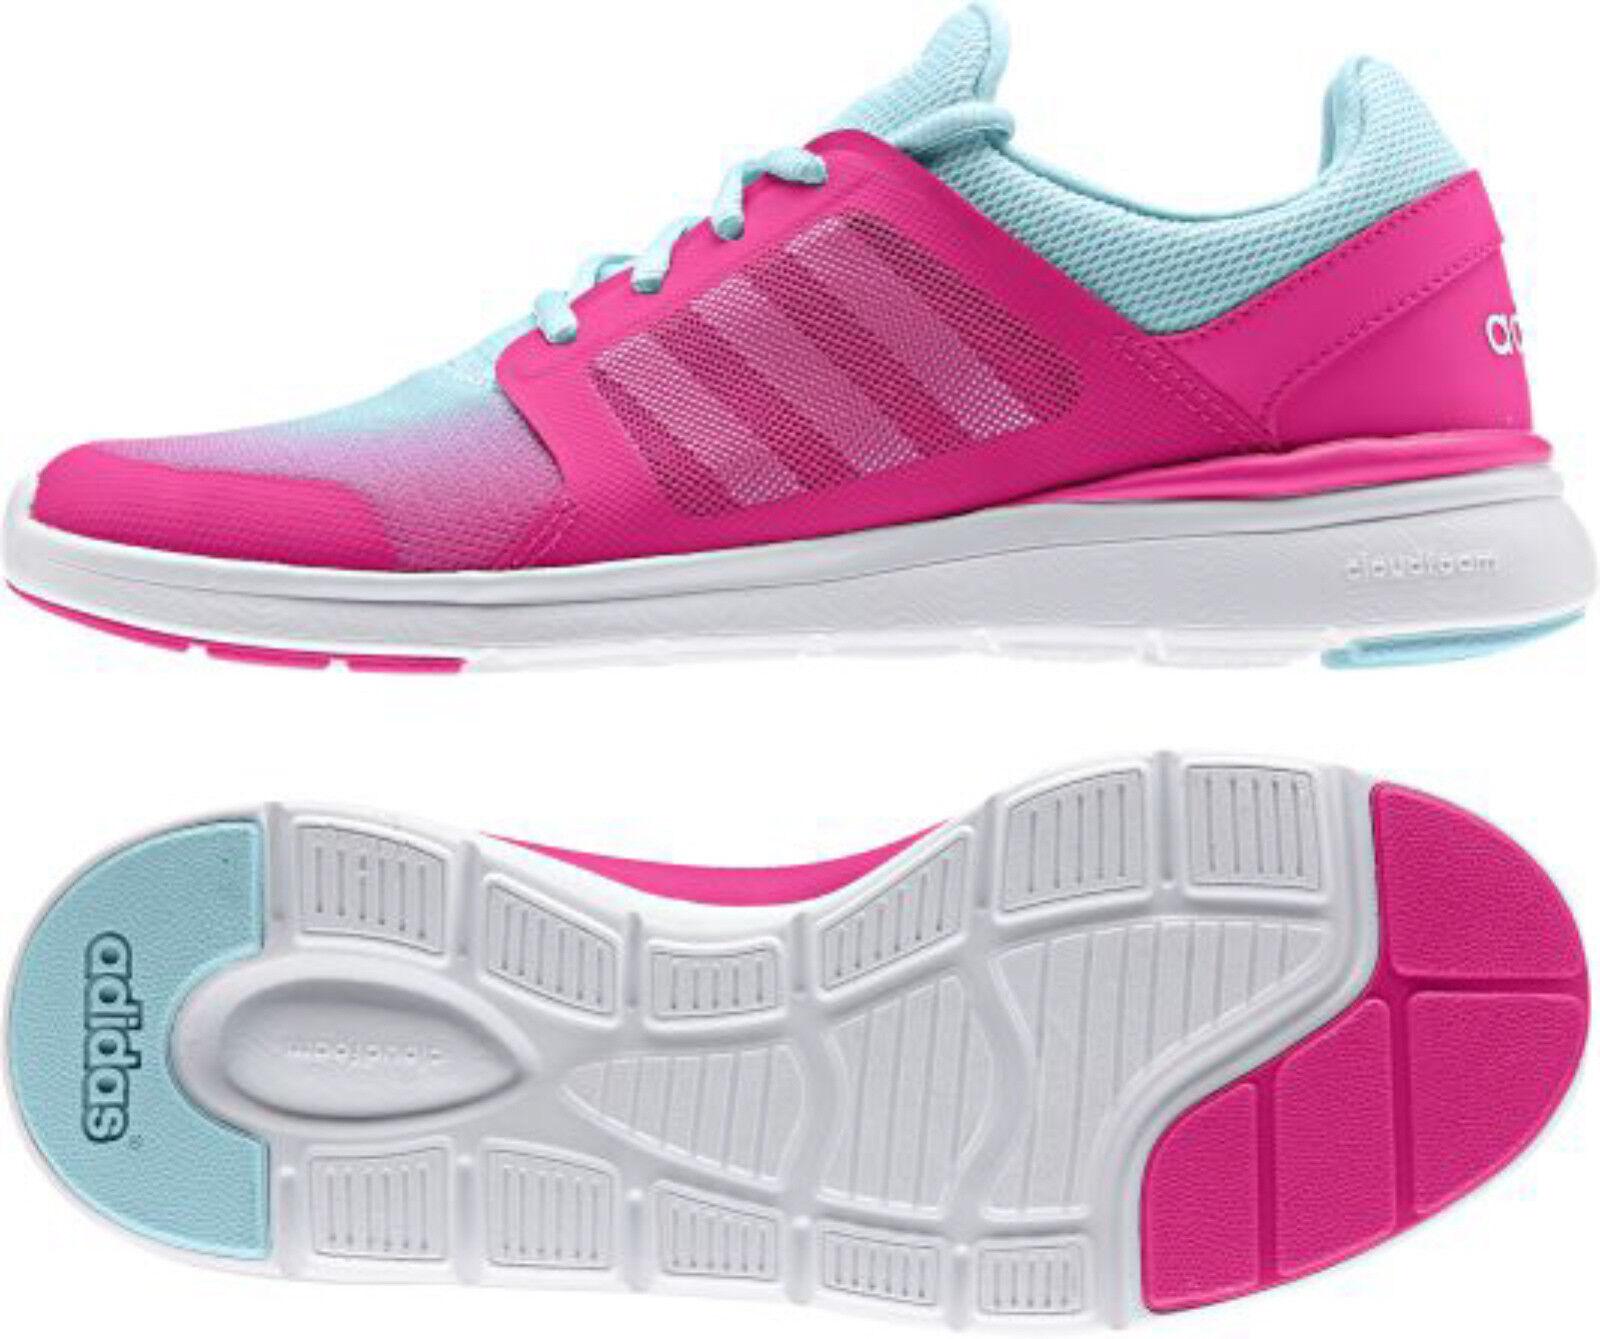 ADIDAS cloudfoam cloudfoam cloudfoam xPression W rosa verde f99578 NEO scarpe da ginnastica Donna Scarpe Sportive 026315